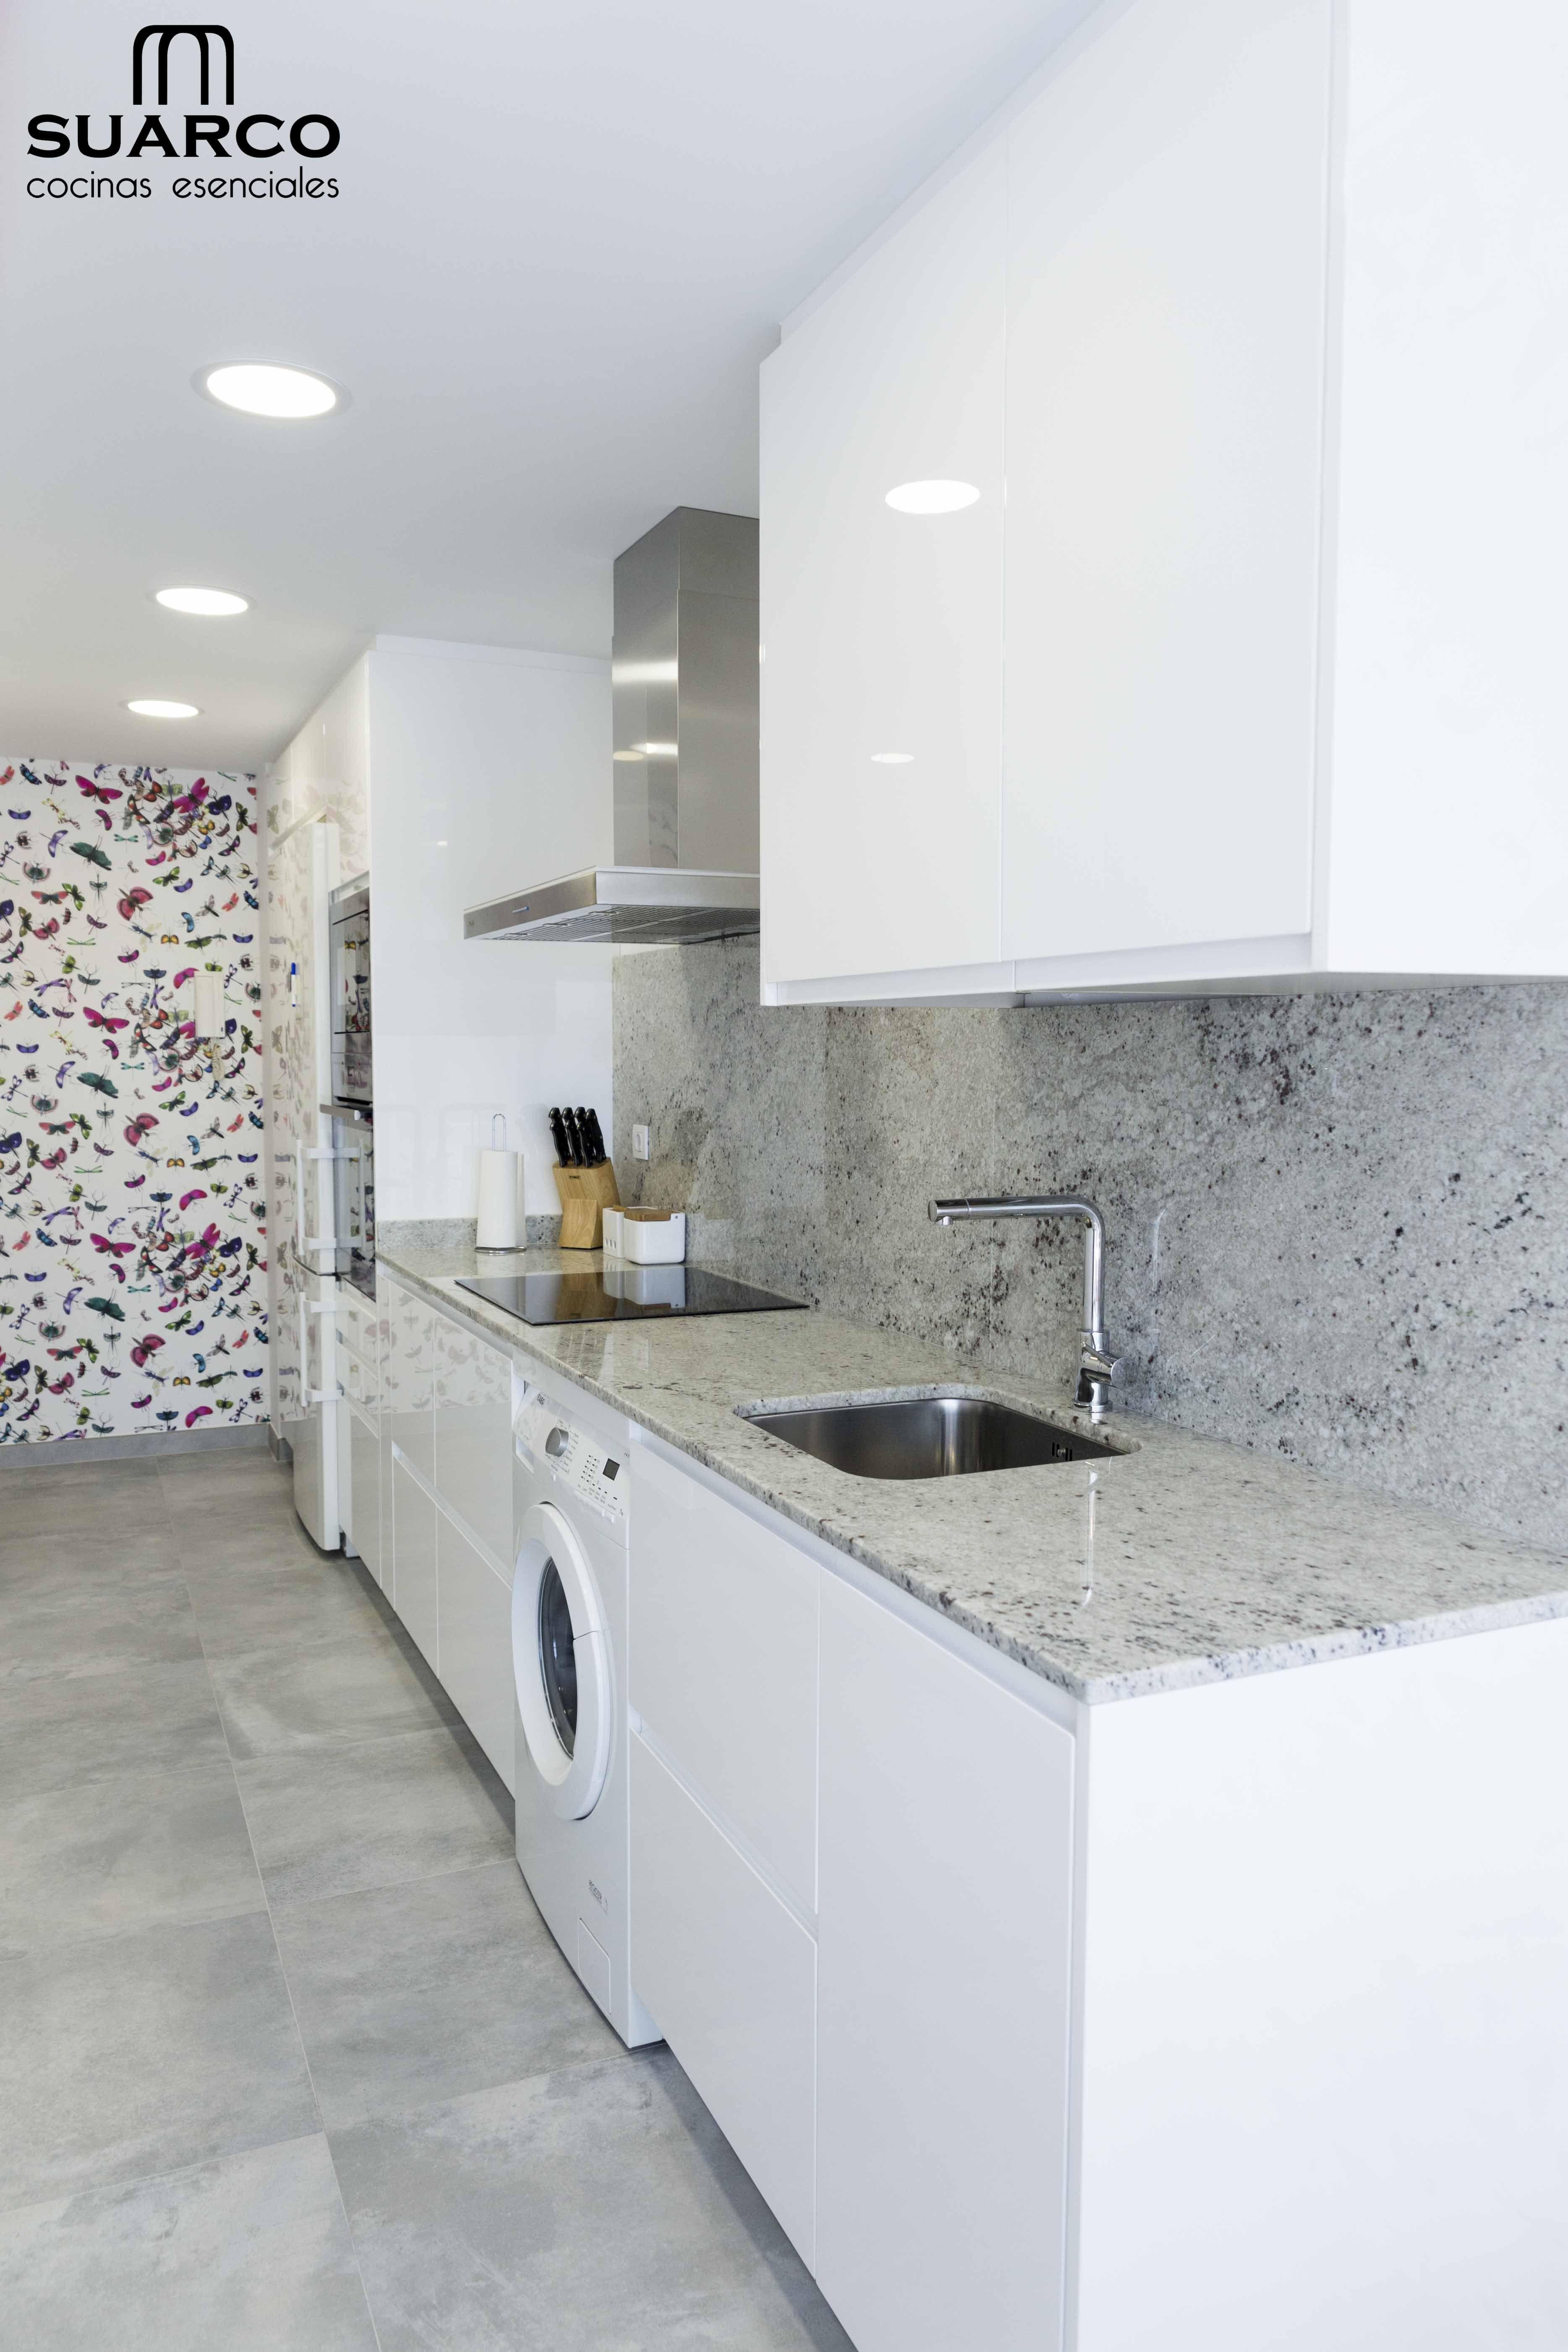 Cocina blanca de lineas modernas sin tiradores cocinas - Cocinas blancas ...